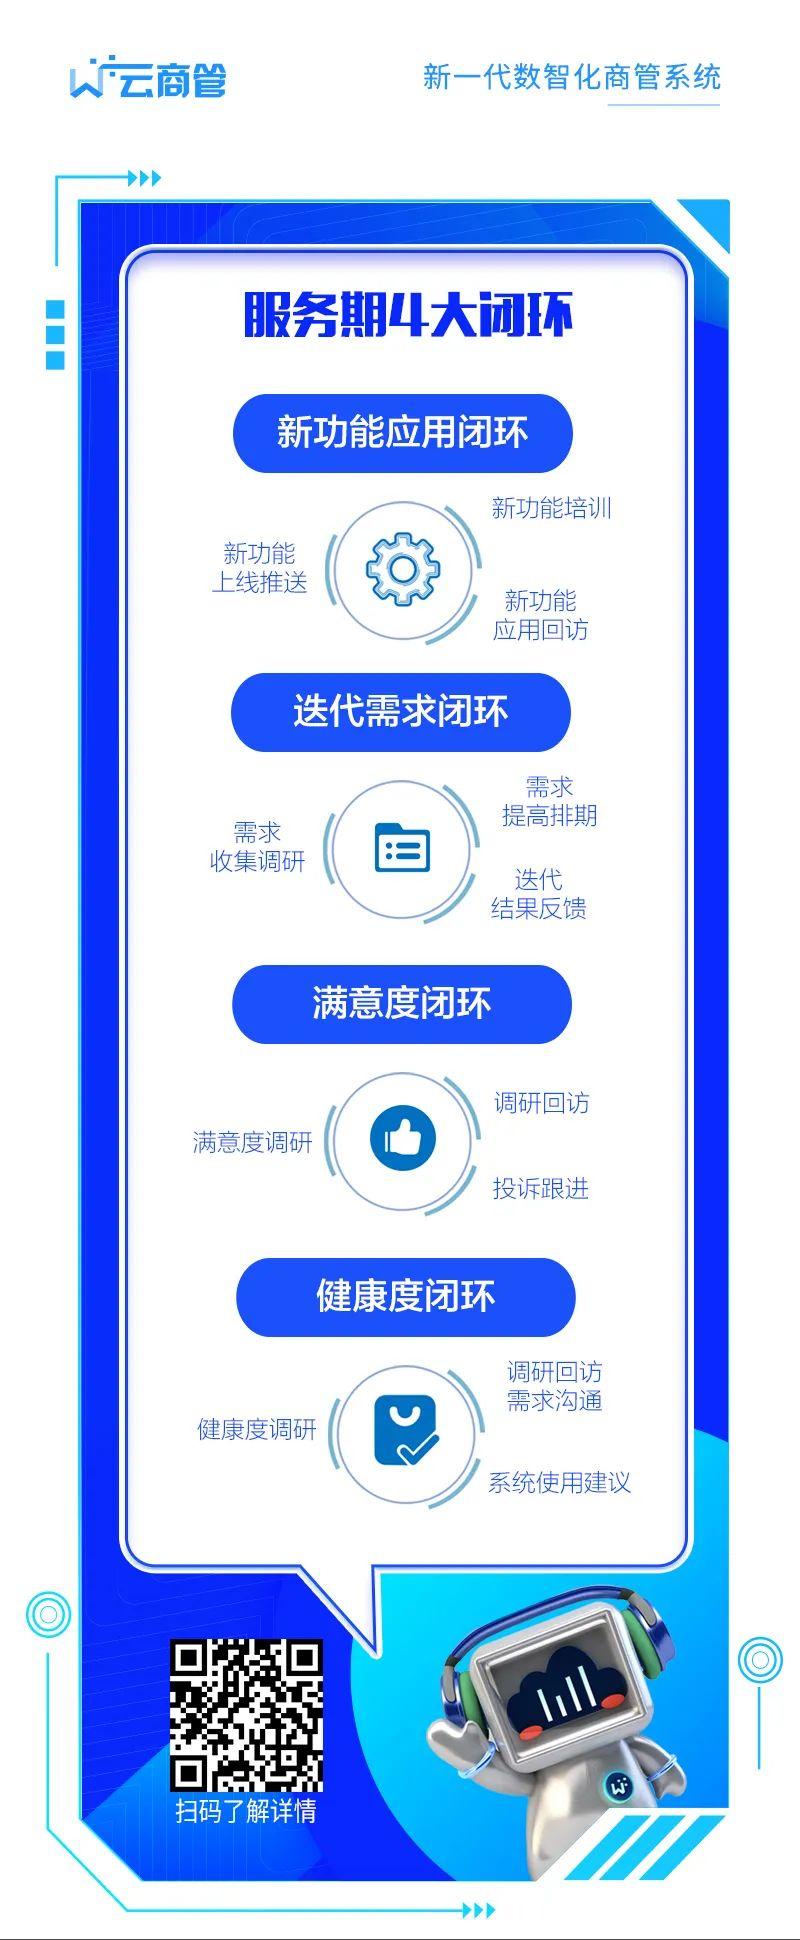 恒达平台网页版登录商管系统的幕后战场:谁能让用户真正用起来?